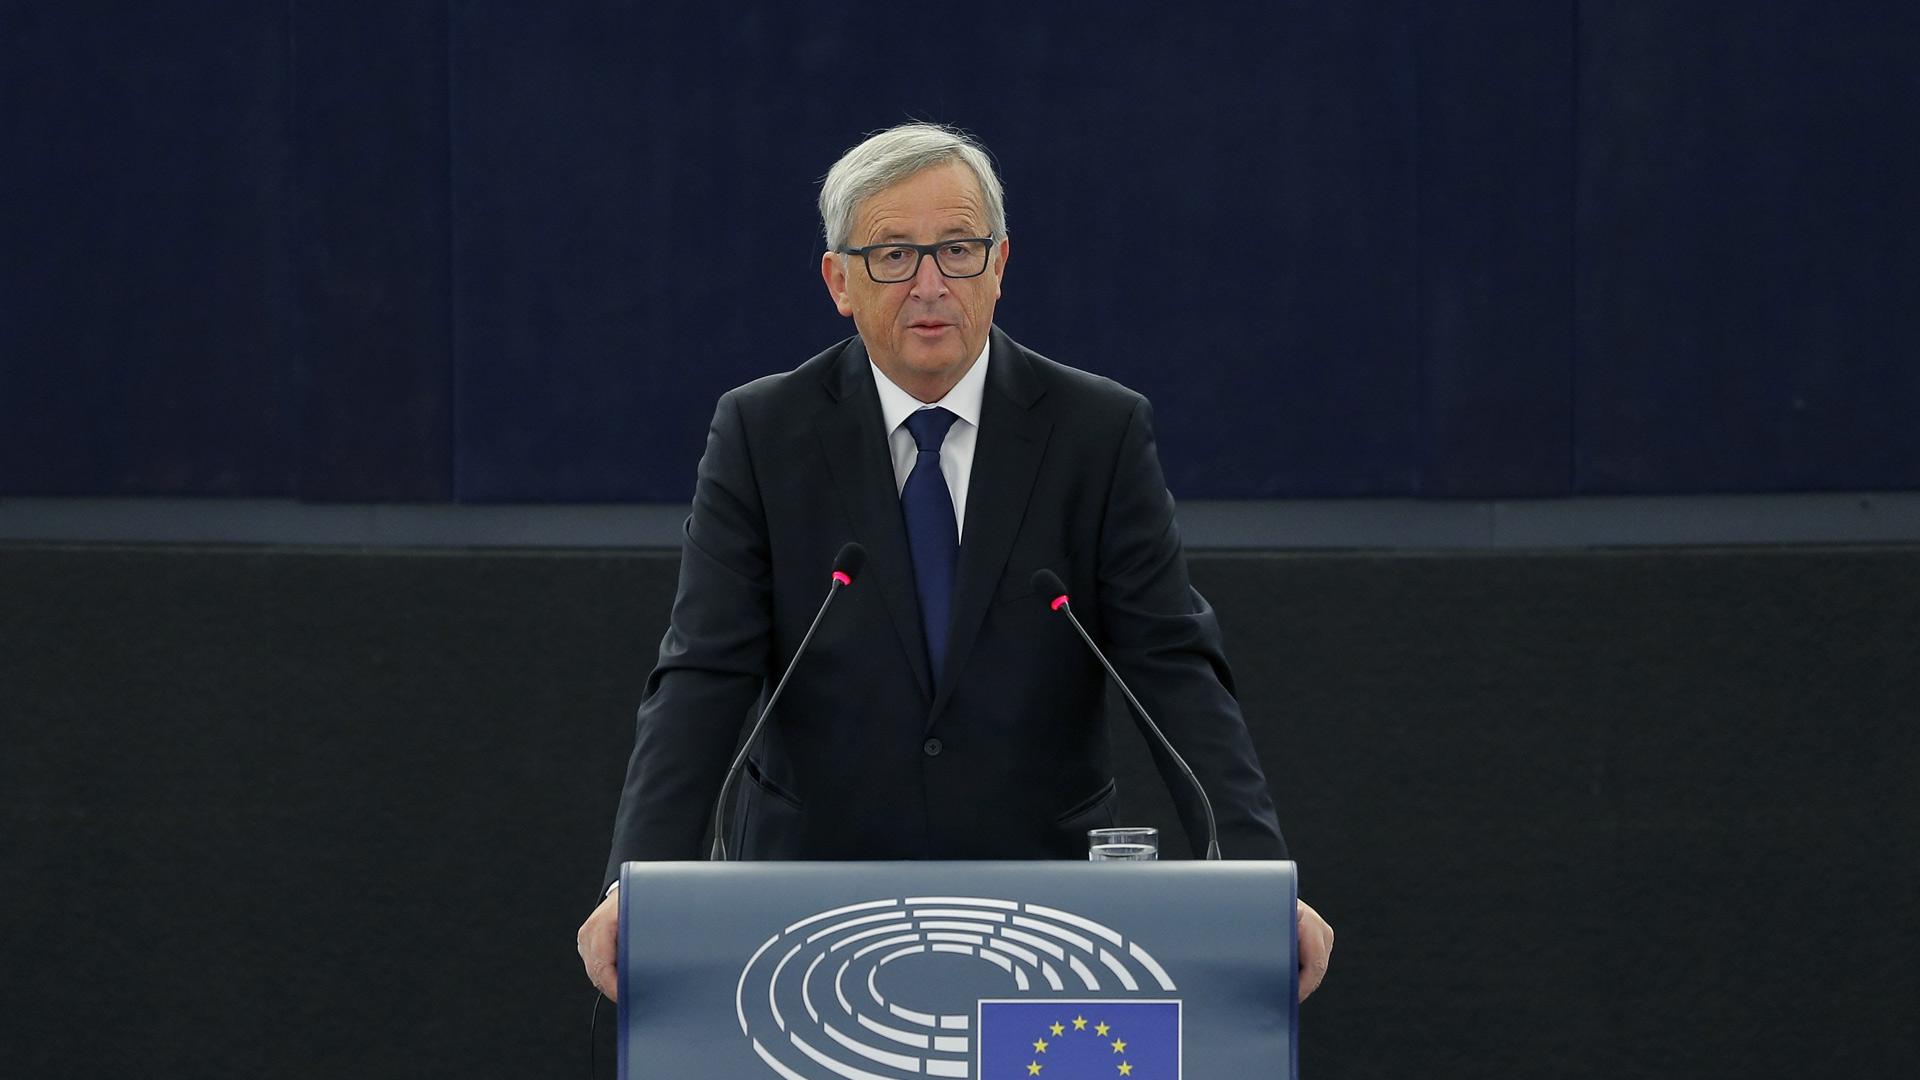 La Comisión Europea asegura que no todos los países cumplen con los estándares comunes